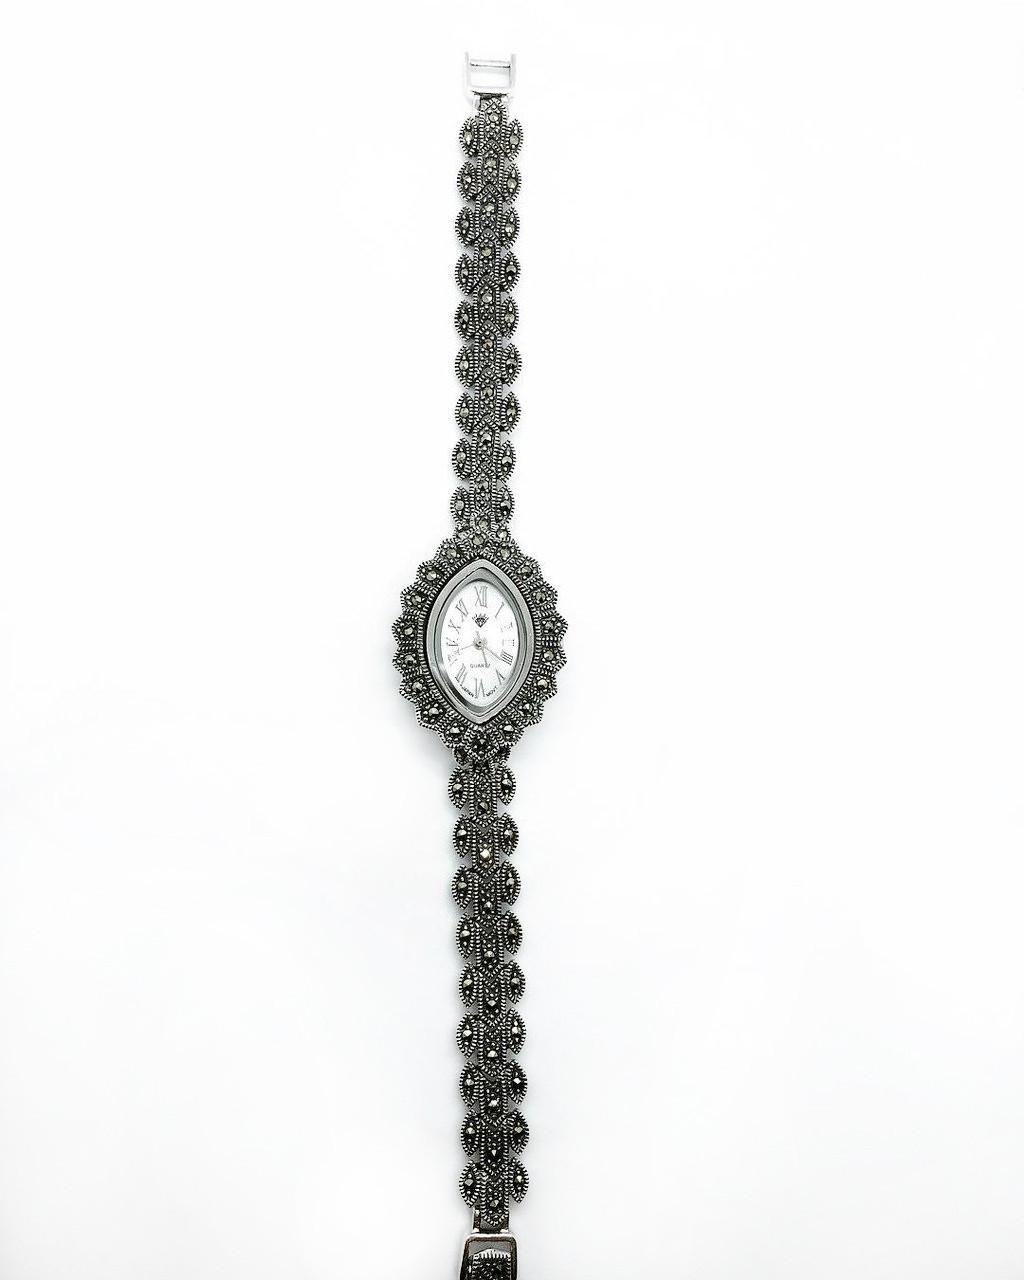 Часы из капельного серебра 925 классические с камнями марказит, фото 1